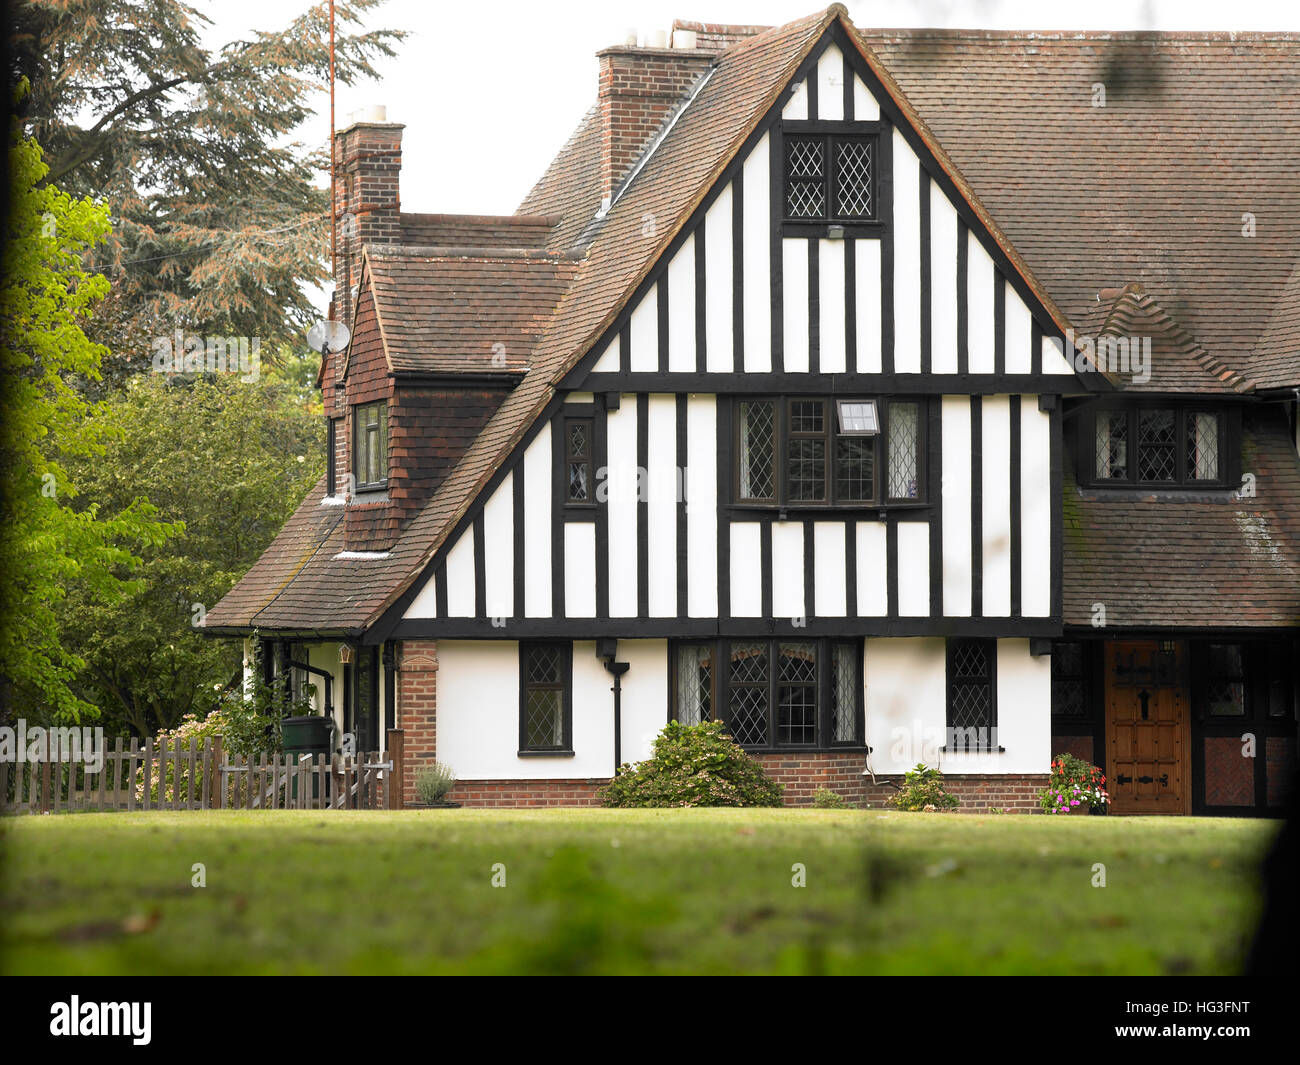 Tudor style house exterior